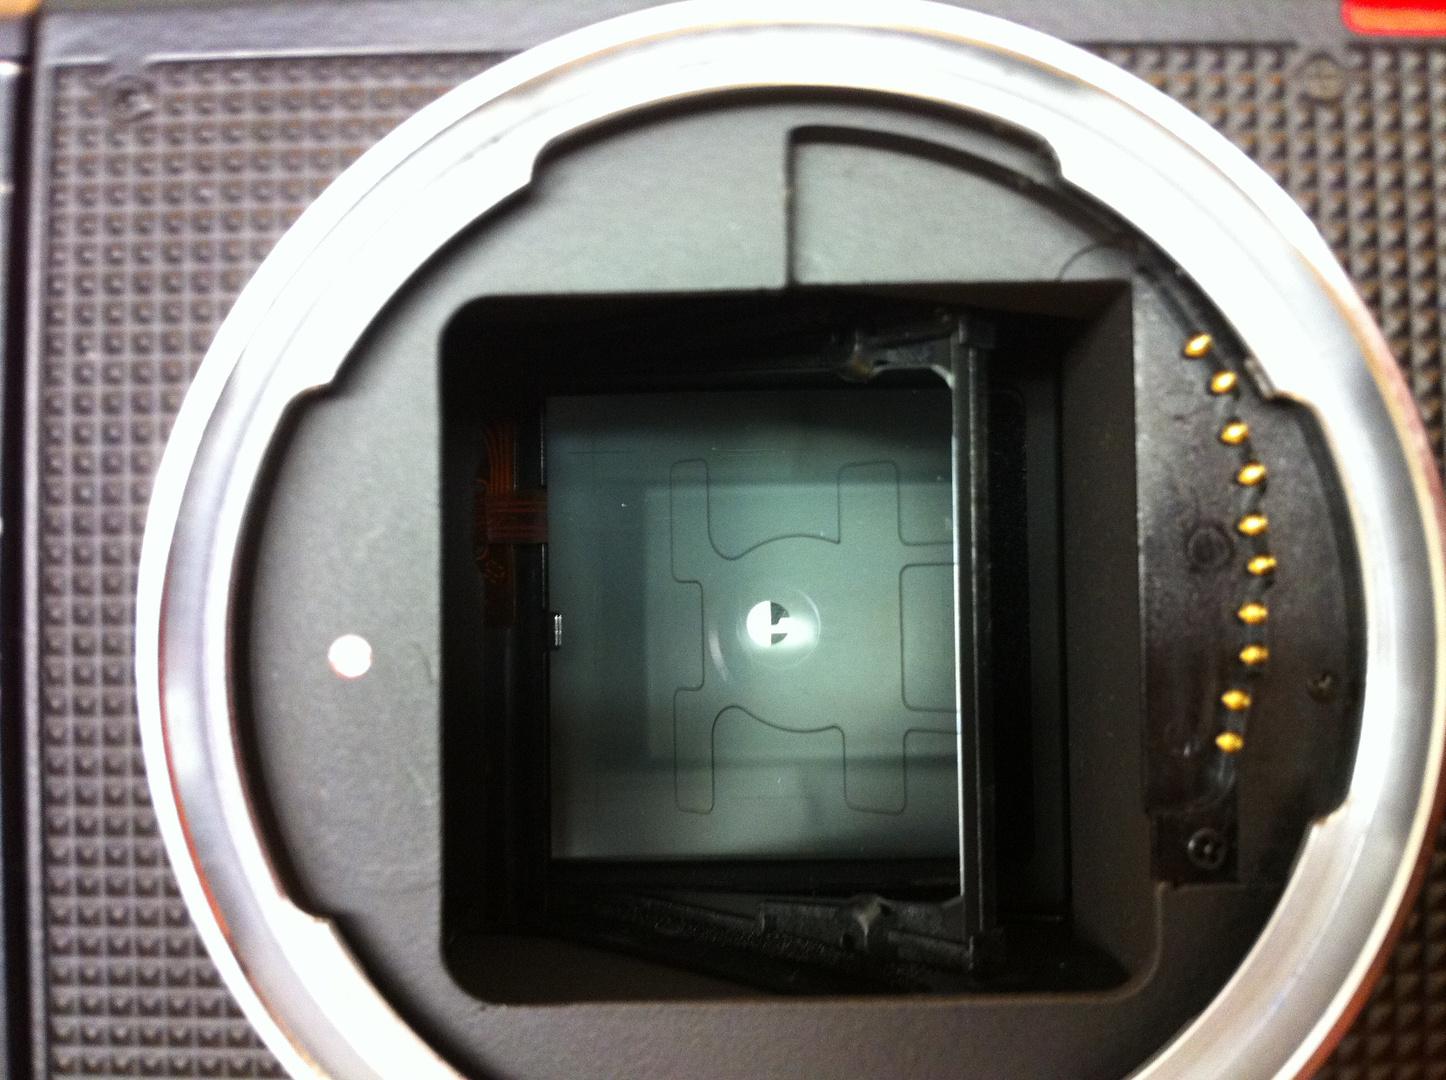 Spiegel Rolleiflex 6008 Integral zum zweiten